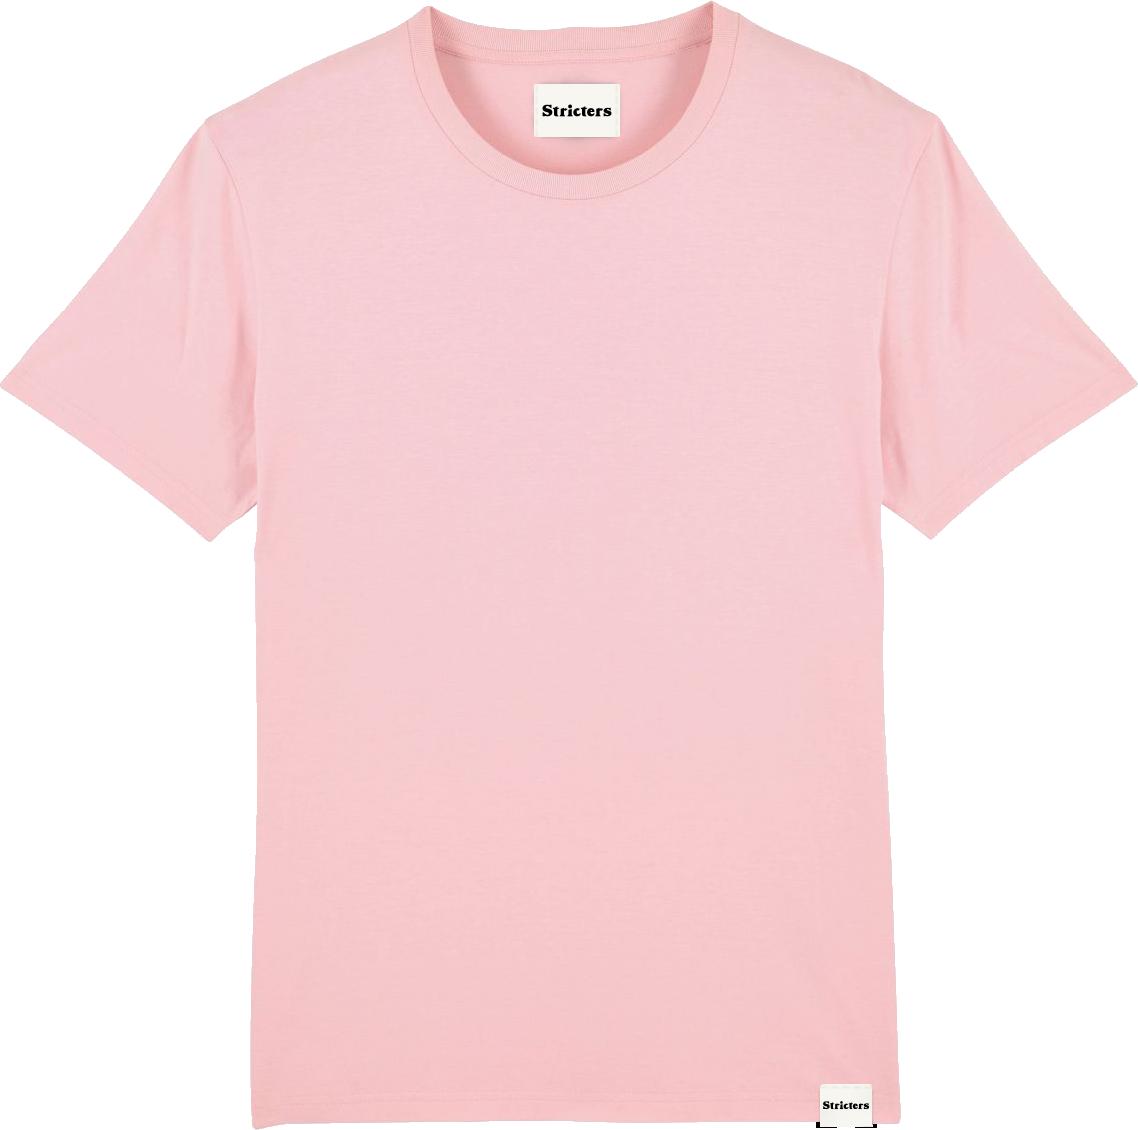 Duurzame kleding voorbeeld: roze shirt